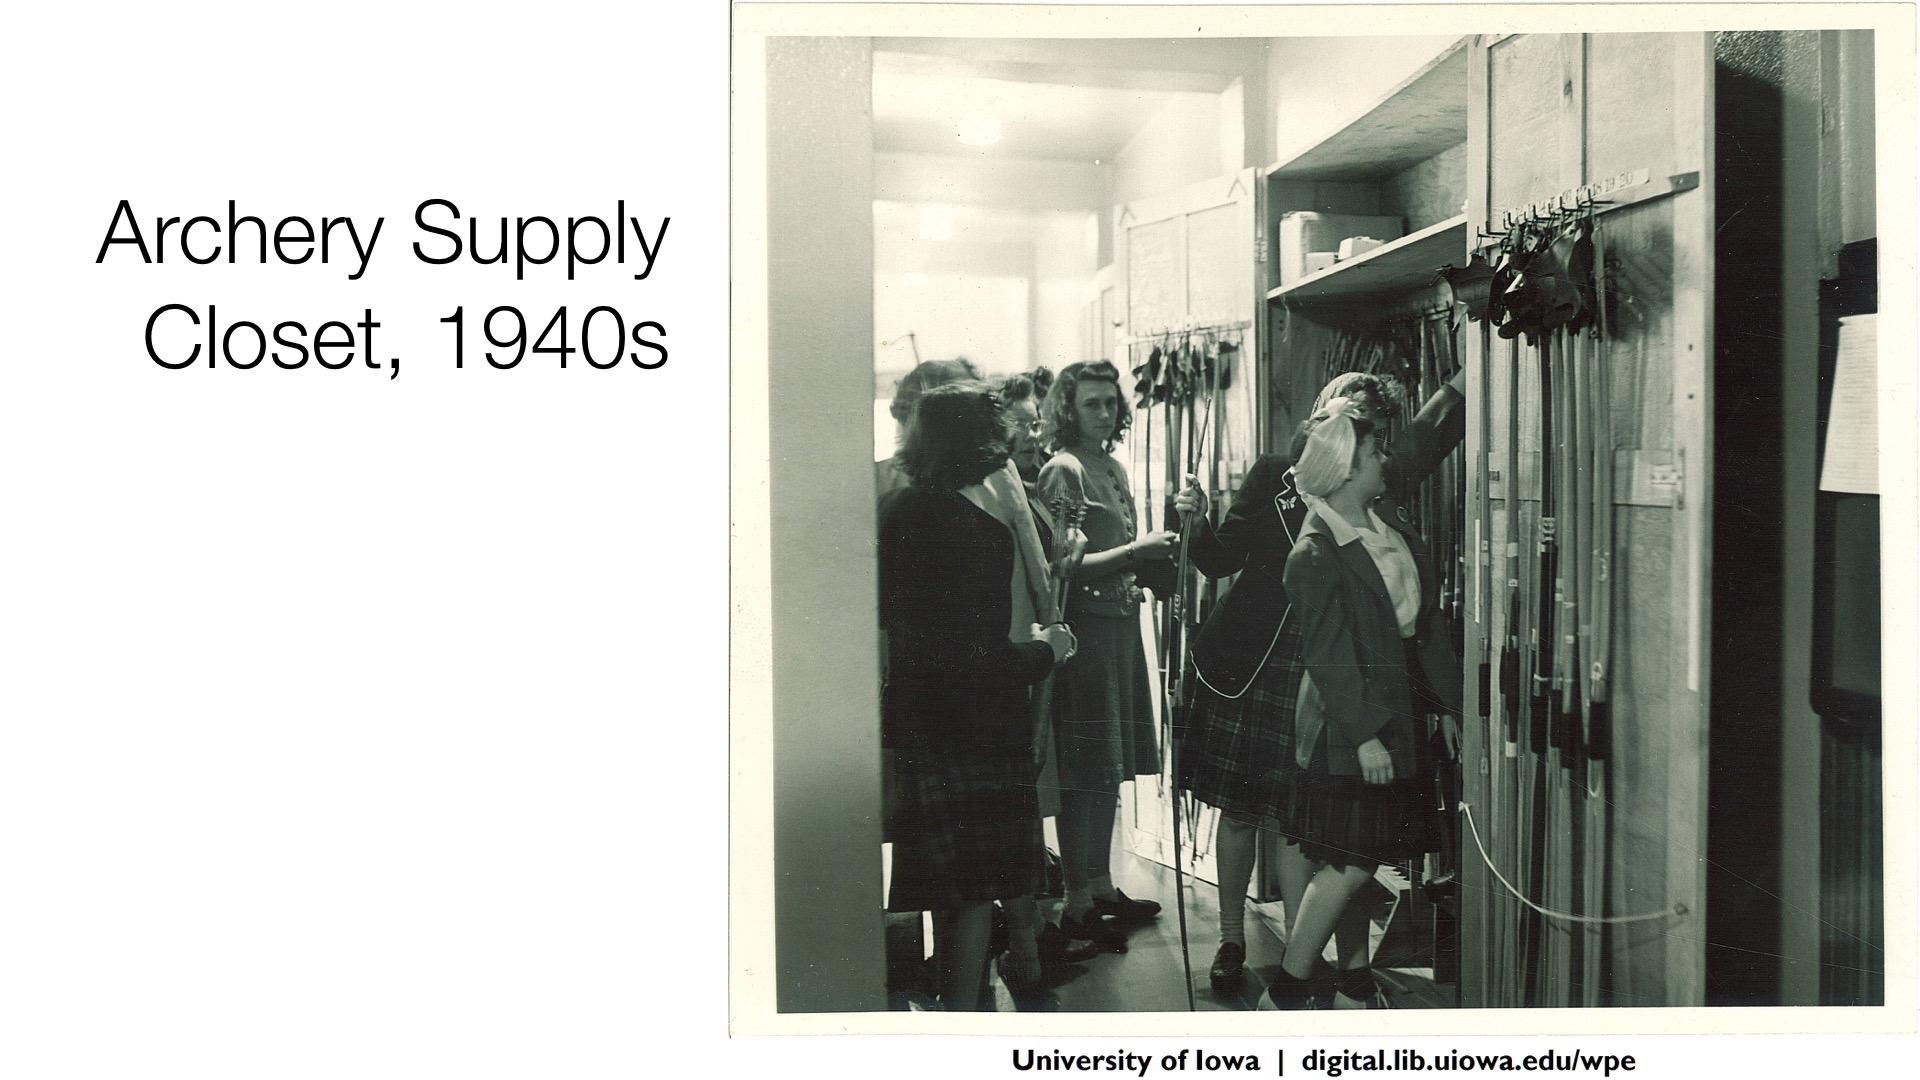 Archery Supply Closet, 1940s